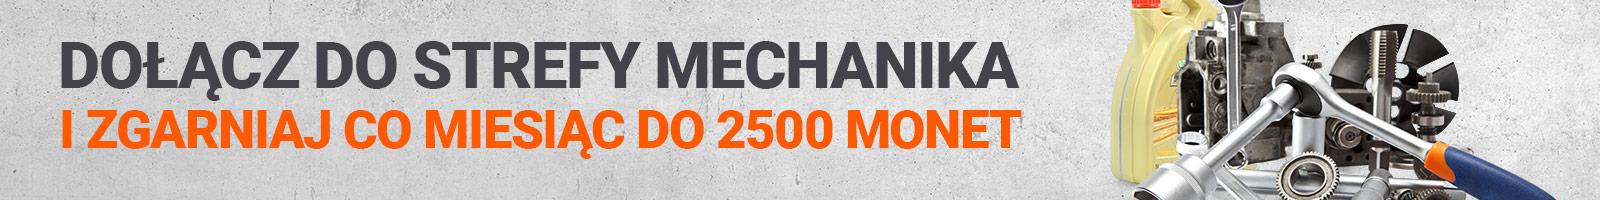 Dołącz do Strefy Mechanika i zgarniaj co miesiąc do 2500 Monet